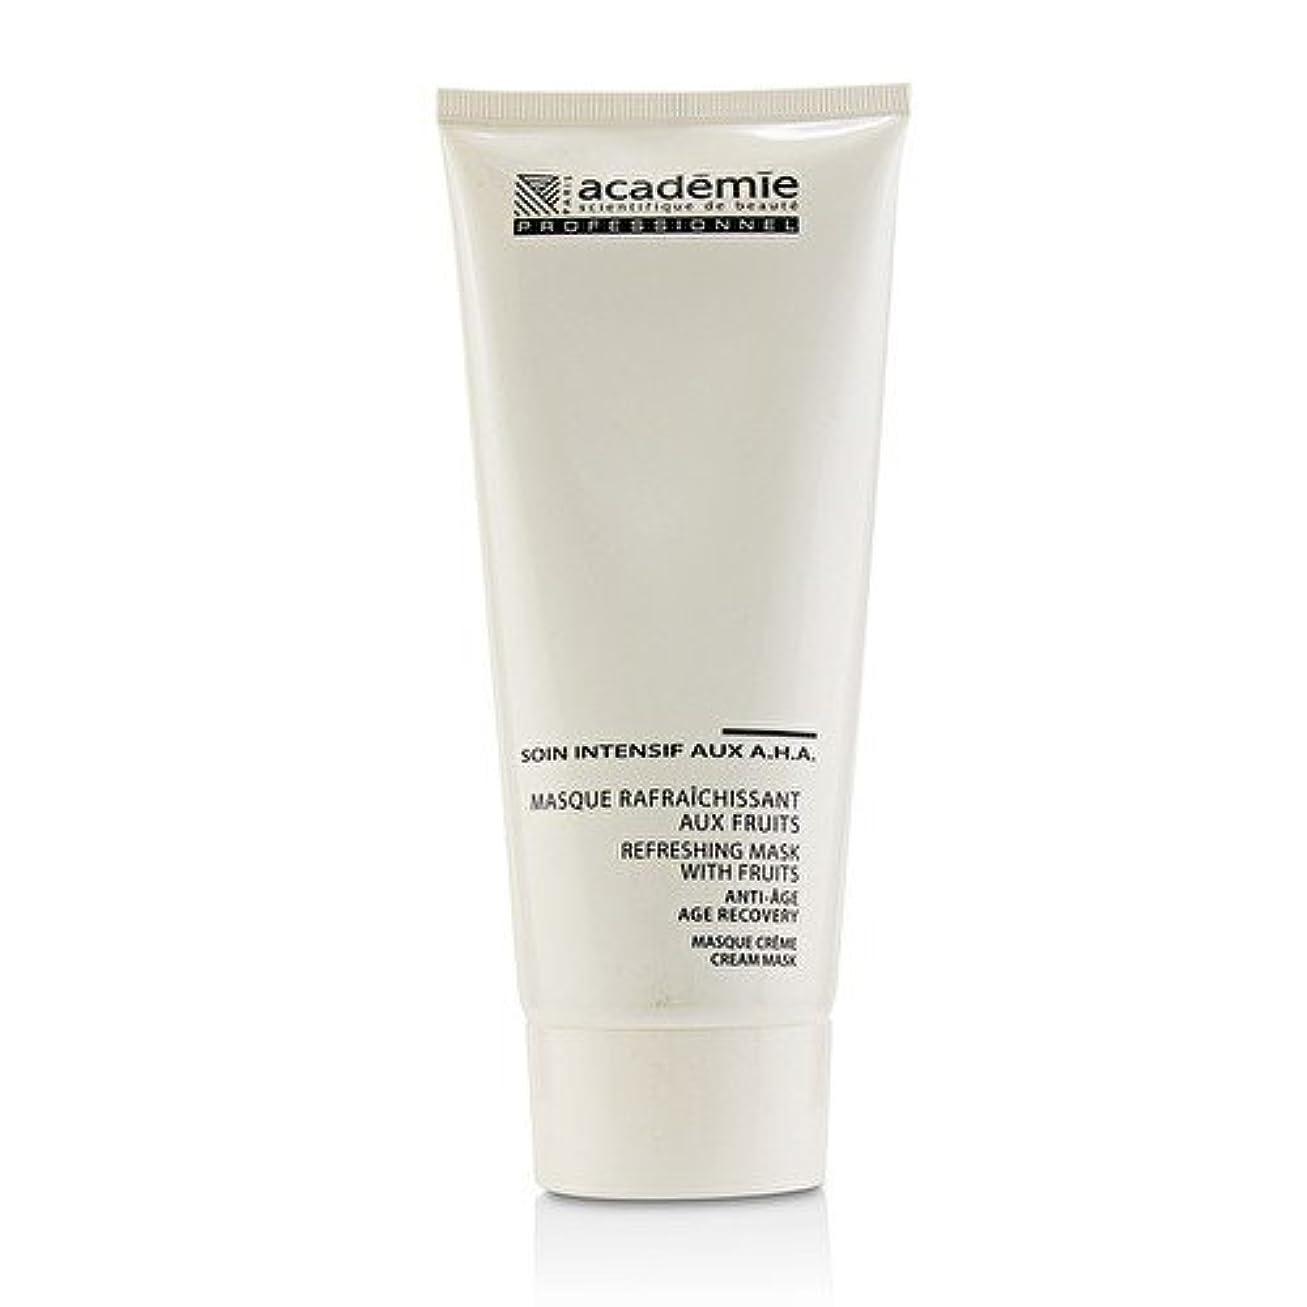 知覚市民権繁栄アカデミー Refreshing Mask With Fruits Age Recovery Cream Mask (Salon Size) 200ml/6.7oz並行輸入品